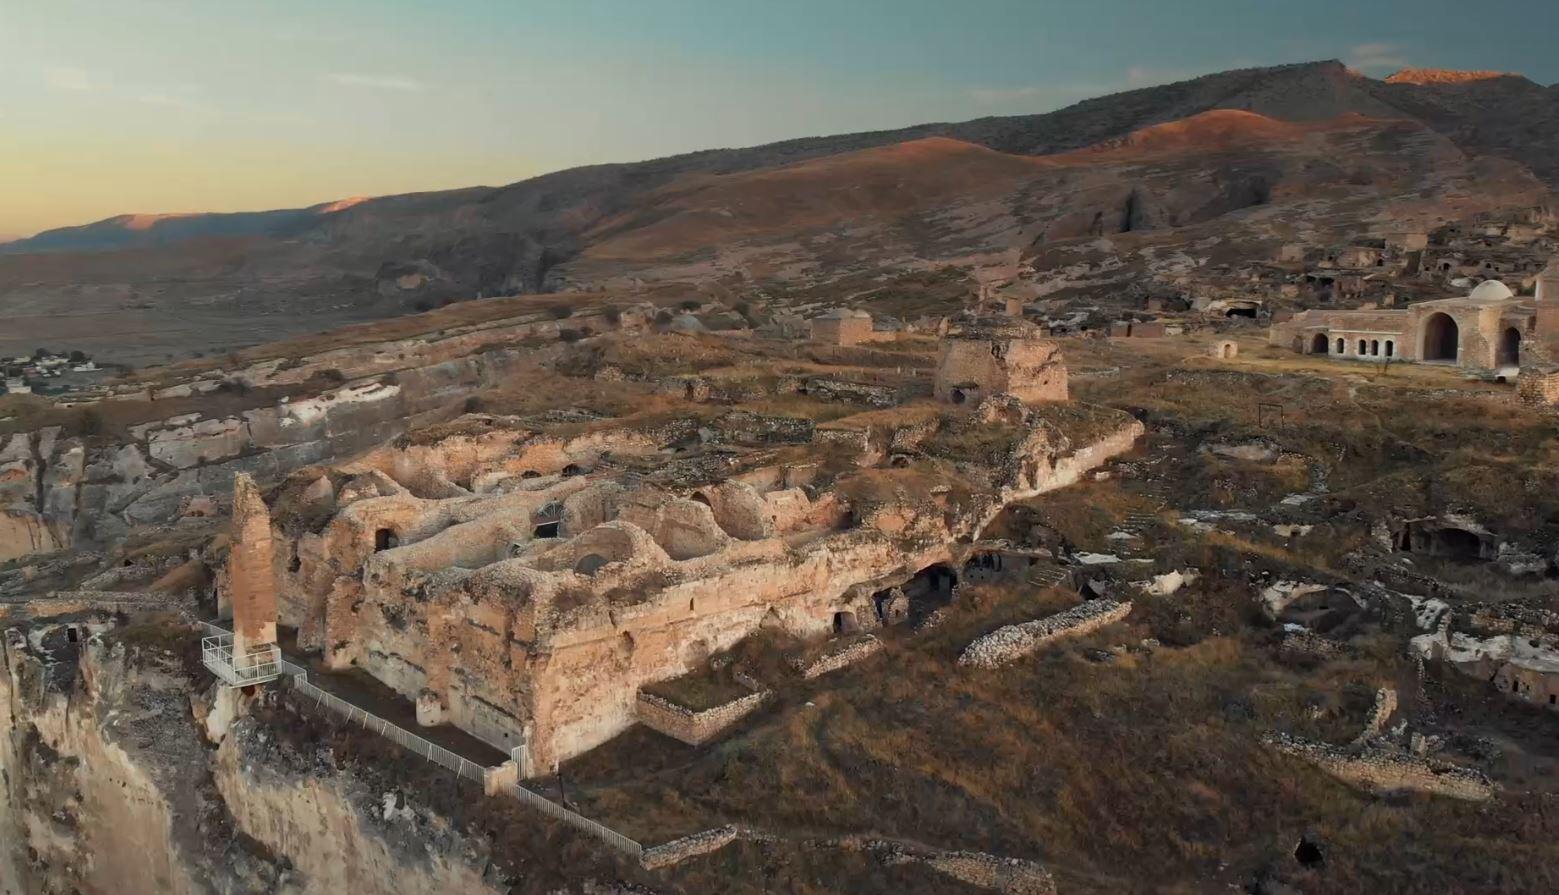 Bild zu Hasankeyf, Türkei, Kurden, Kurdistan, Stausee, Antike, Siedlung, Untergang, Recep Tayyip Erdoğan